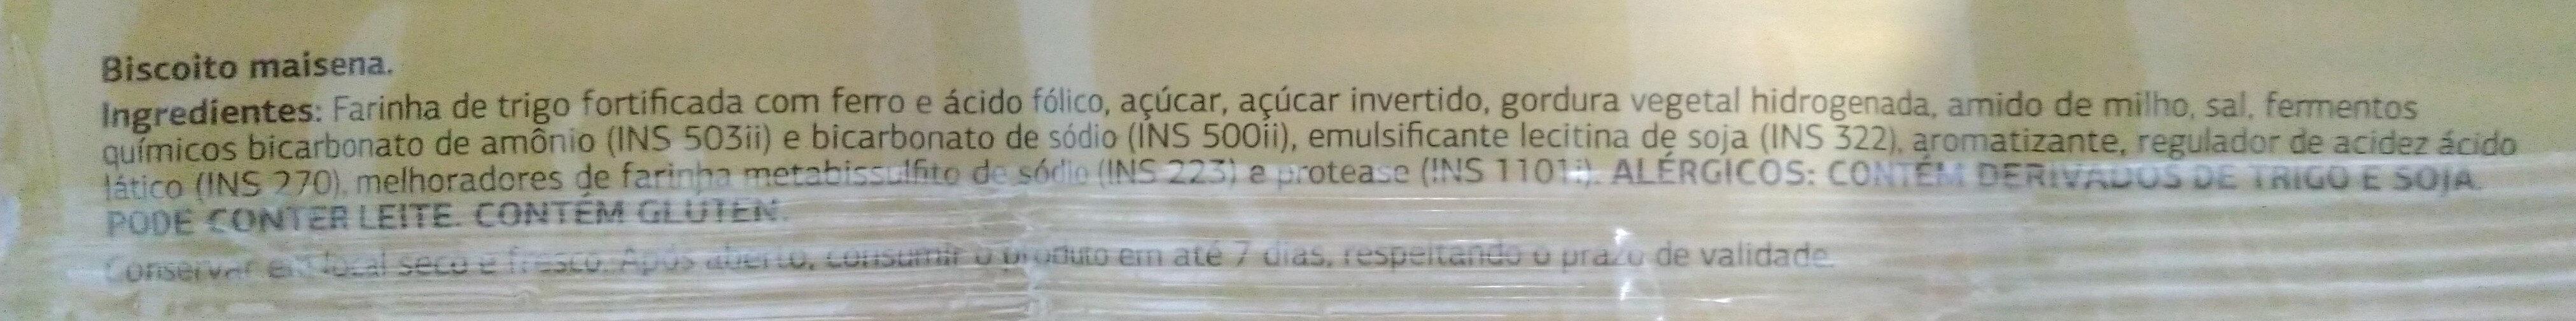 Biscoito Maisena - Ingredientes - pt